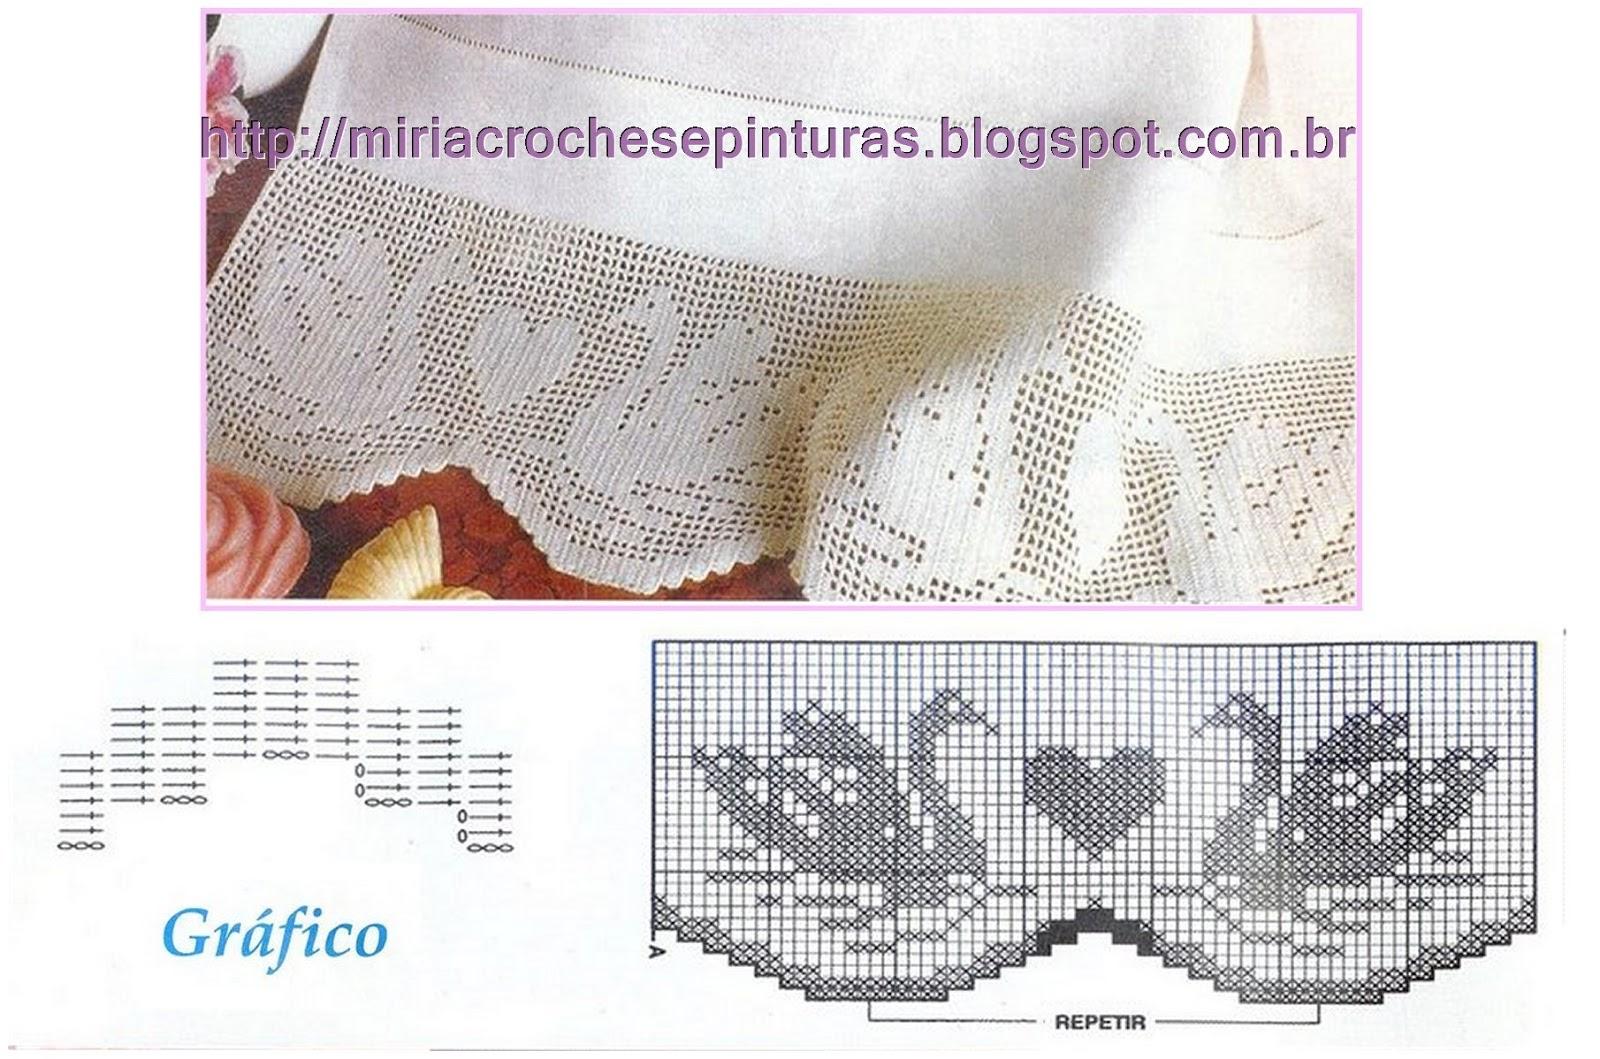 Barrados de crochê com gráficos com motivos de cisnes. http